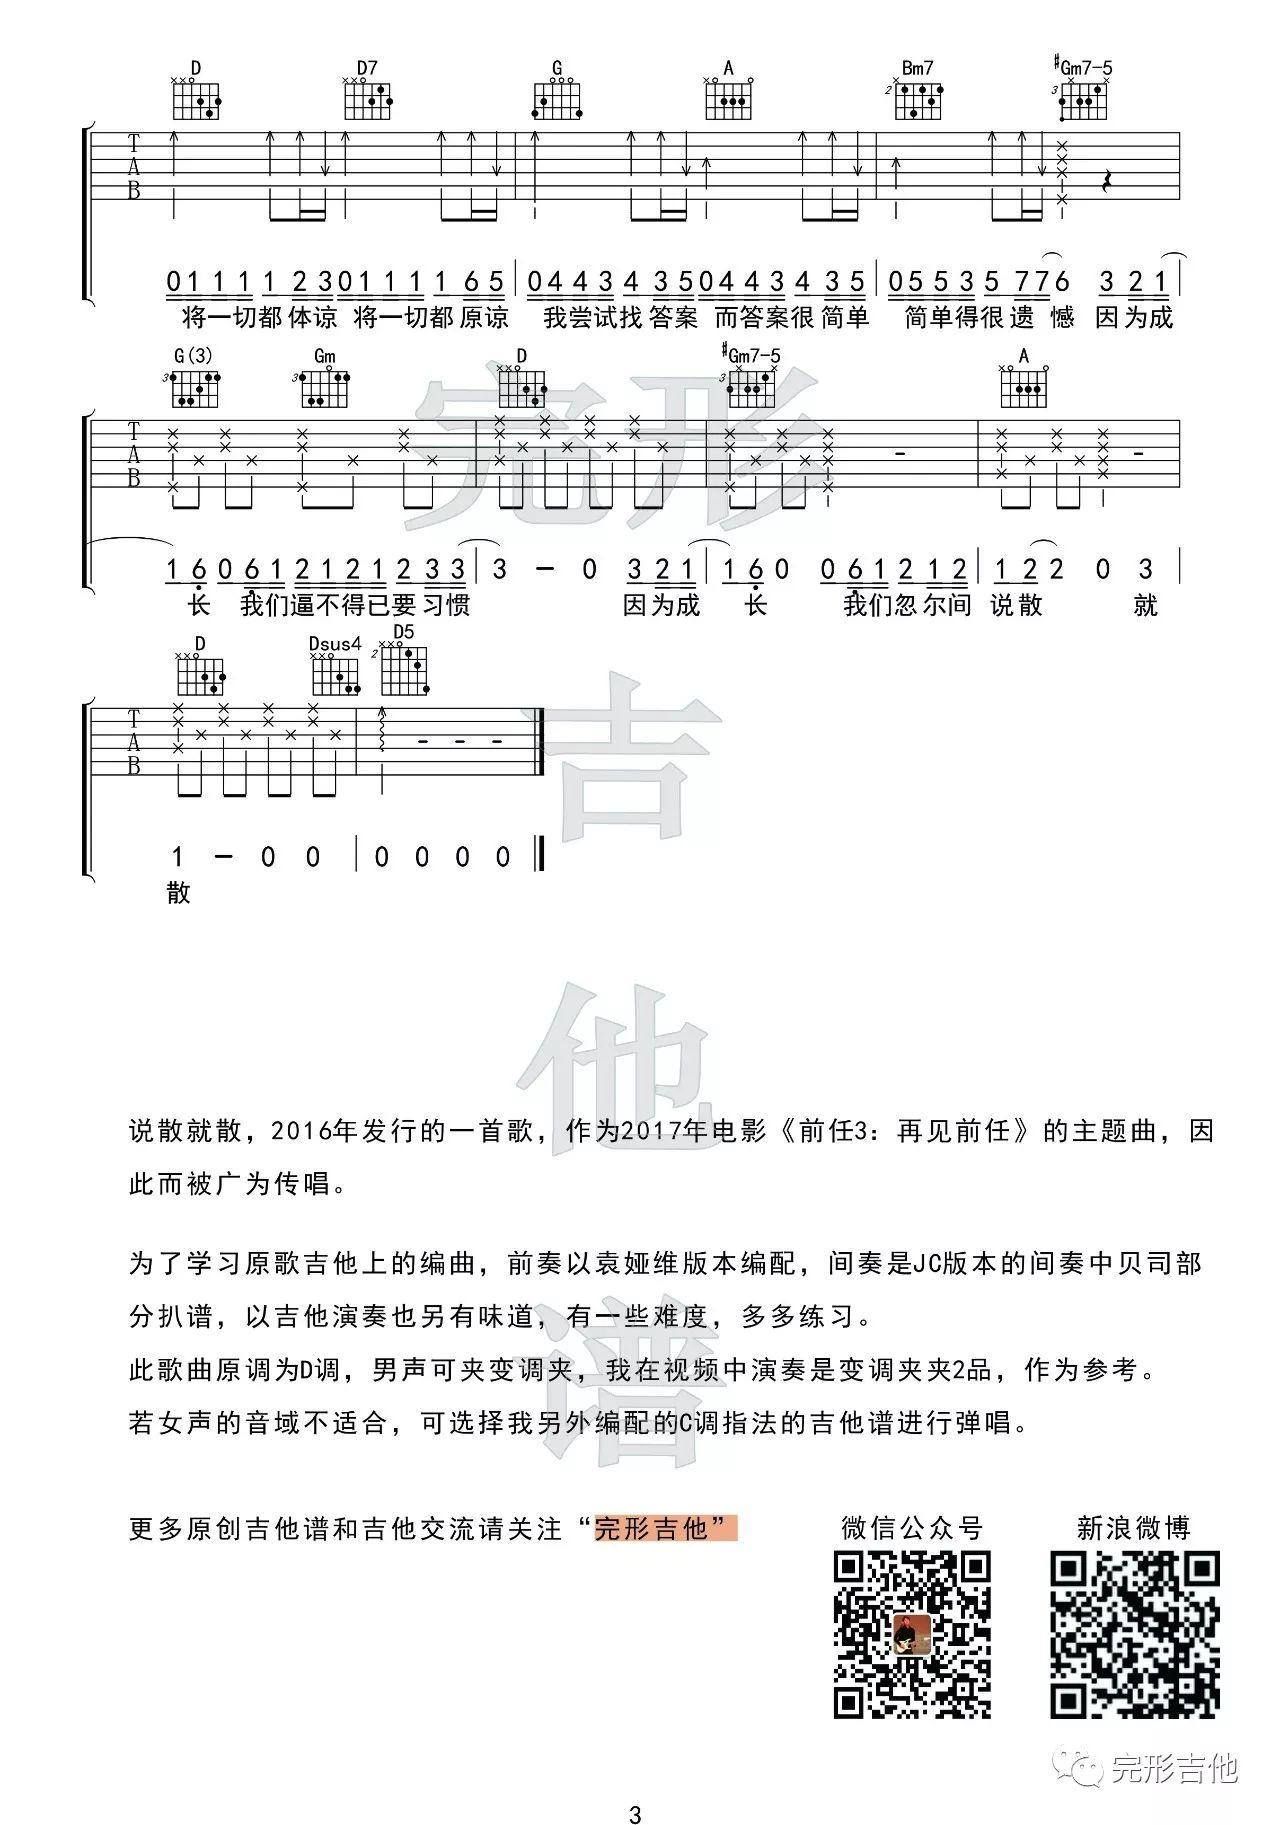 吉他派《说散就散》吉他谱D调版-3